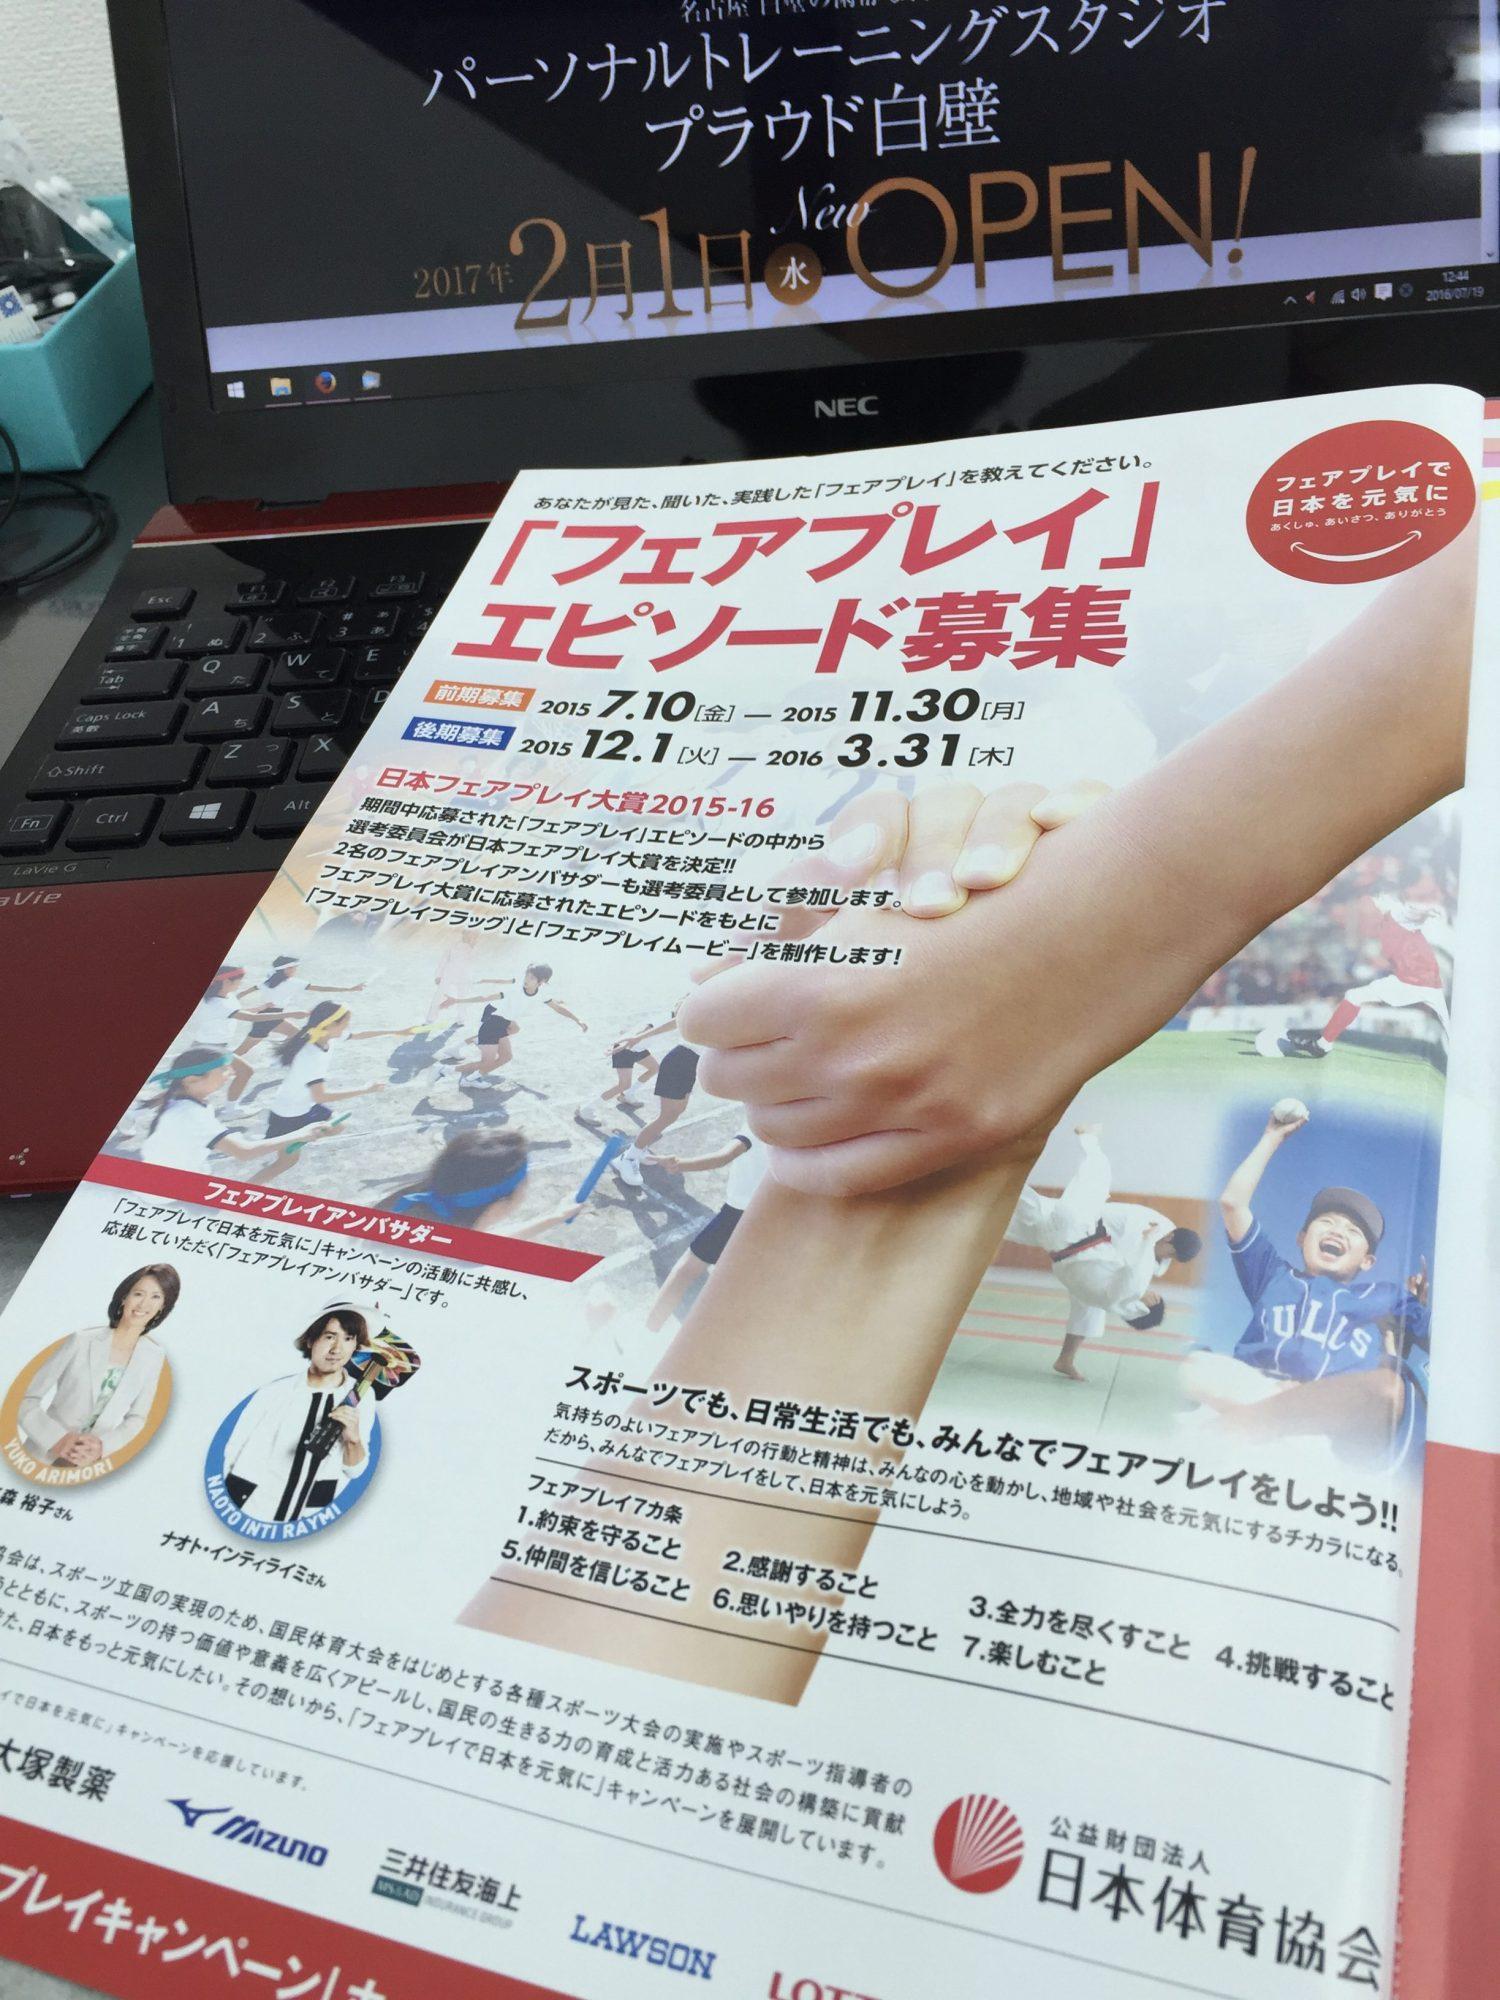 日本体育協会のフェアプレイエピソード募集